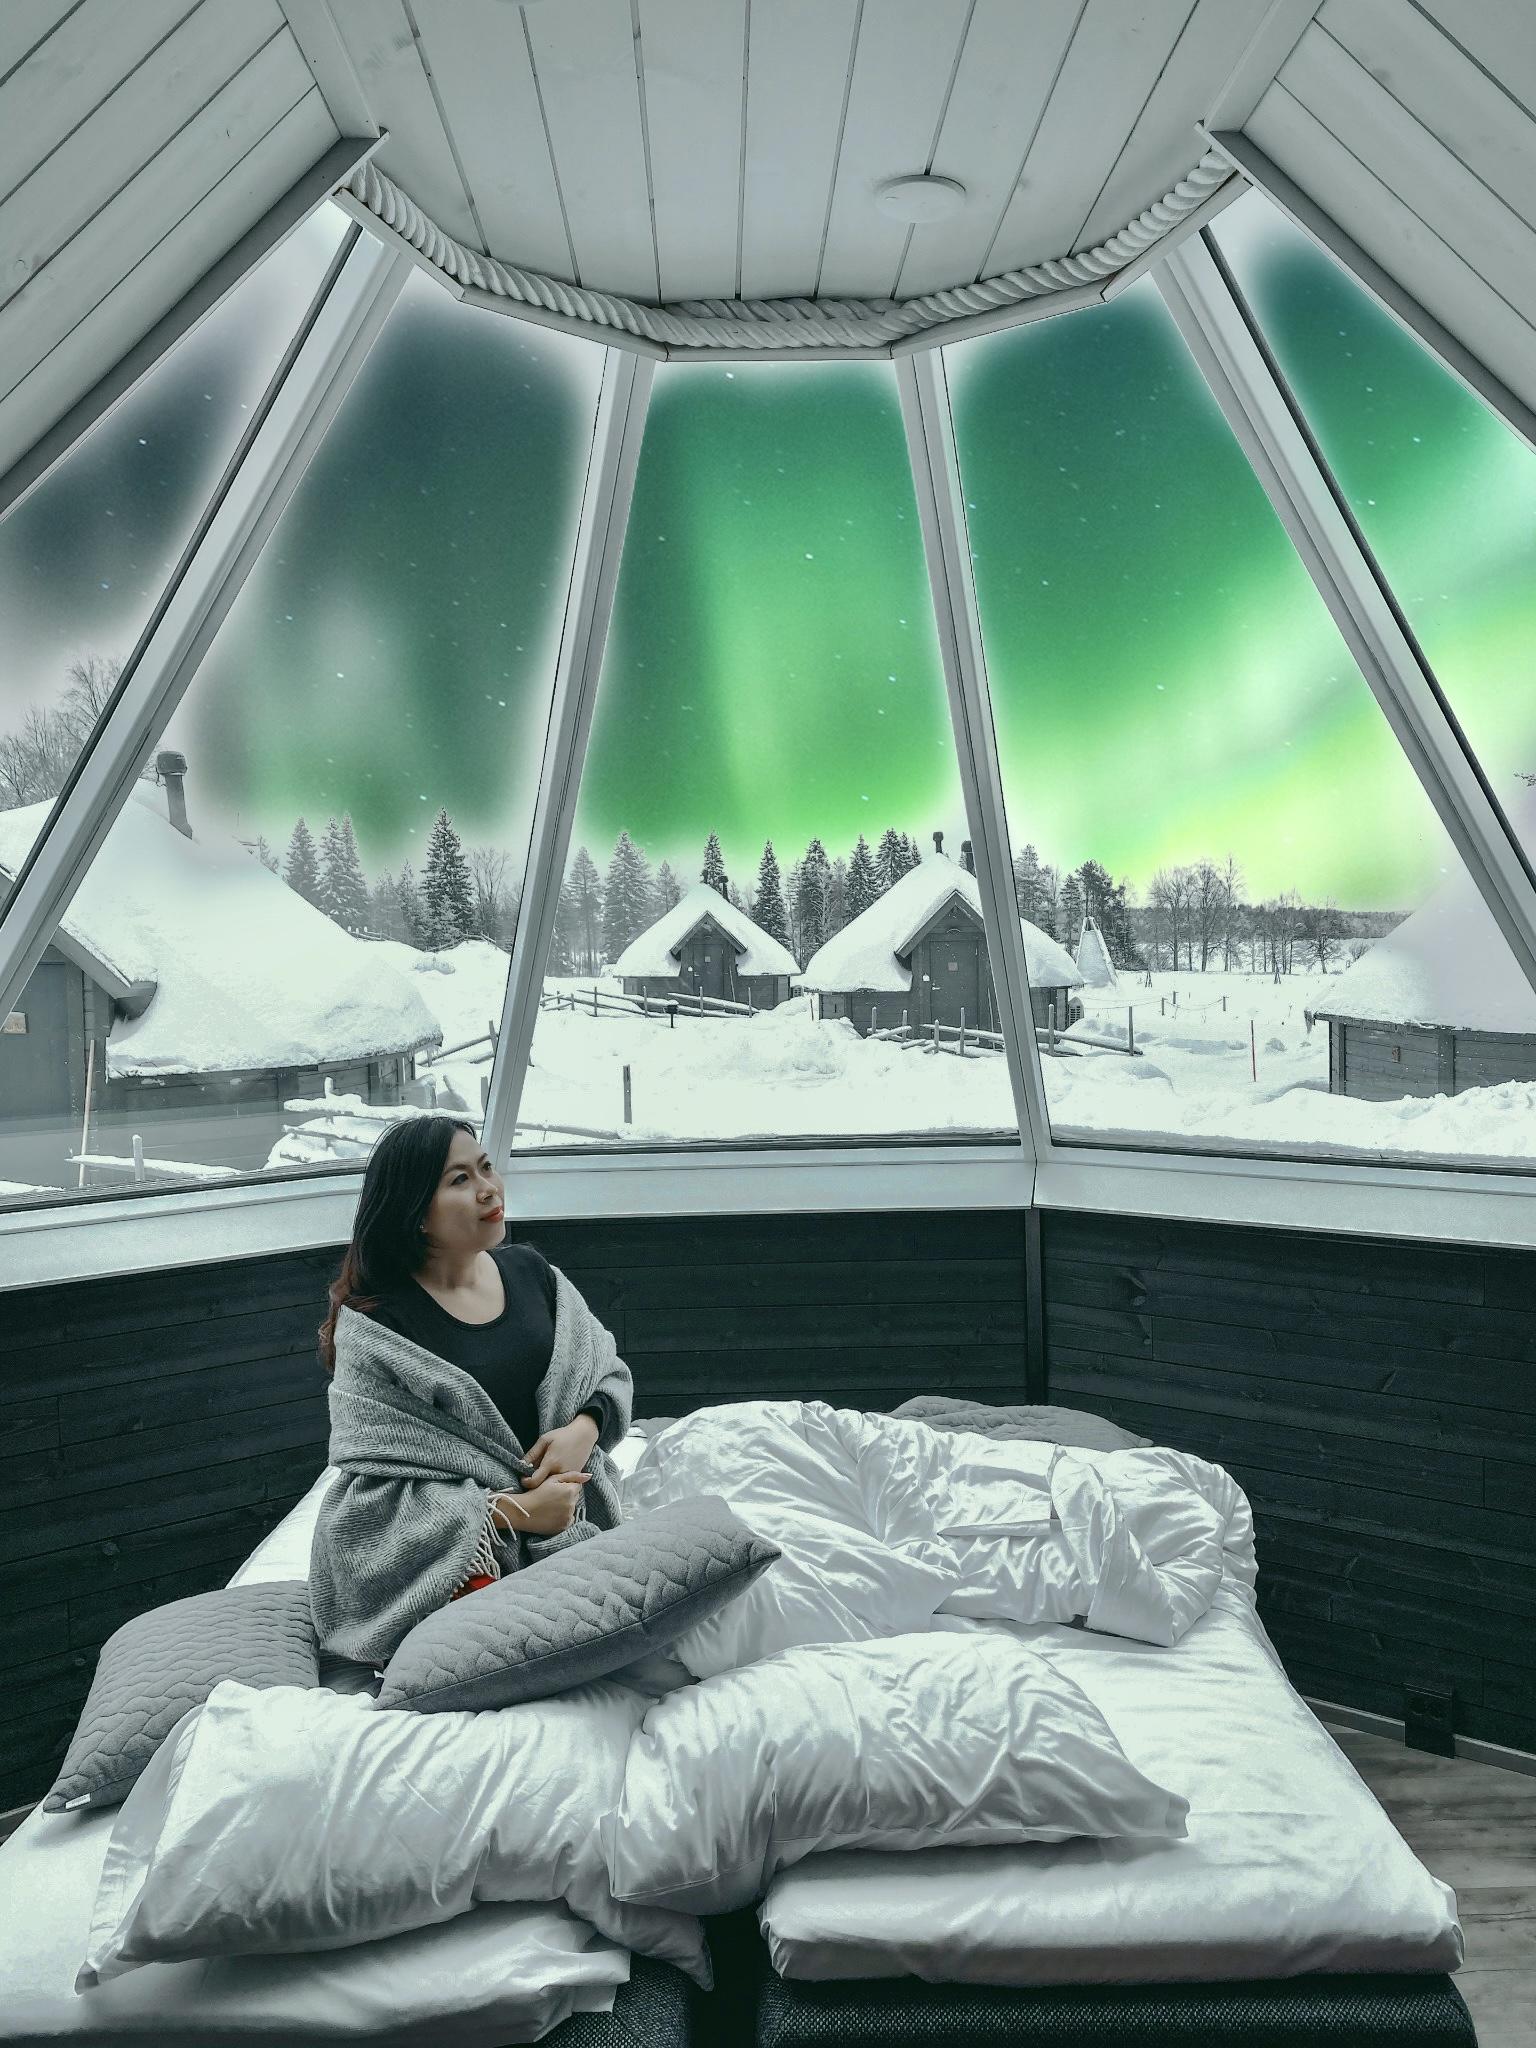 ခရစ္စမတ်ဘိုးဘိုးကြီးရဲ့ ဇာတိမြို့လေး Rovaniemi